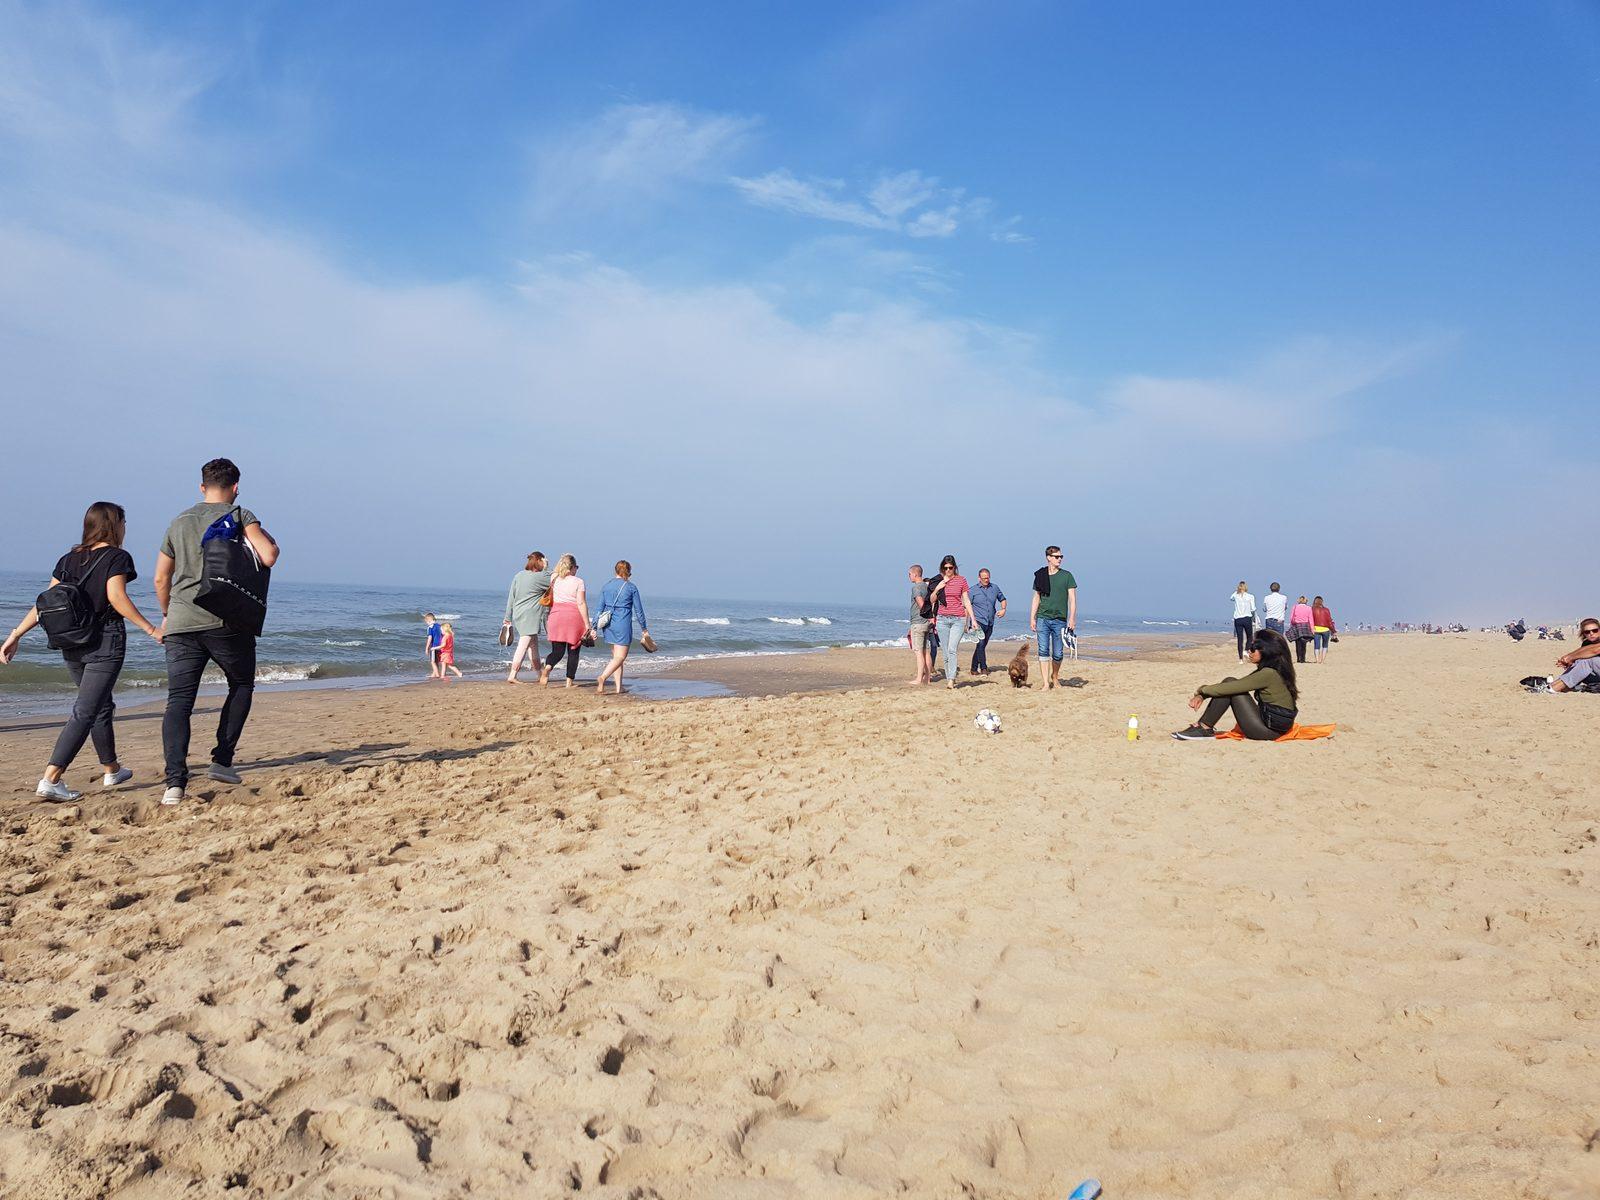 Lekker genieten van het strand en de zee